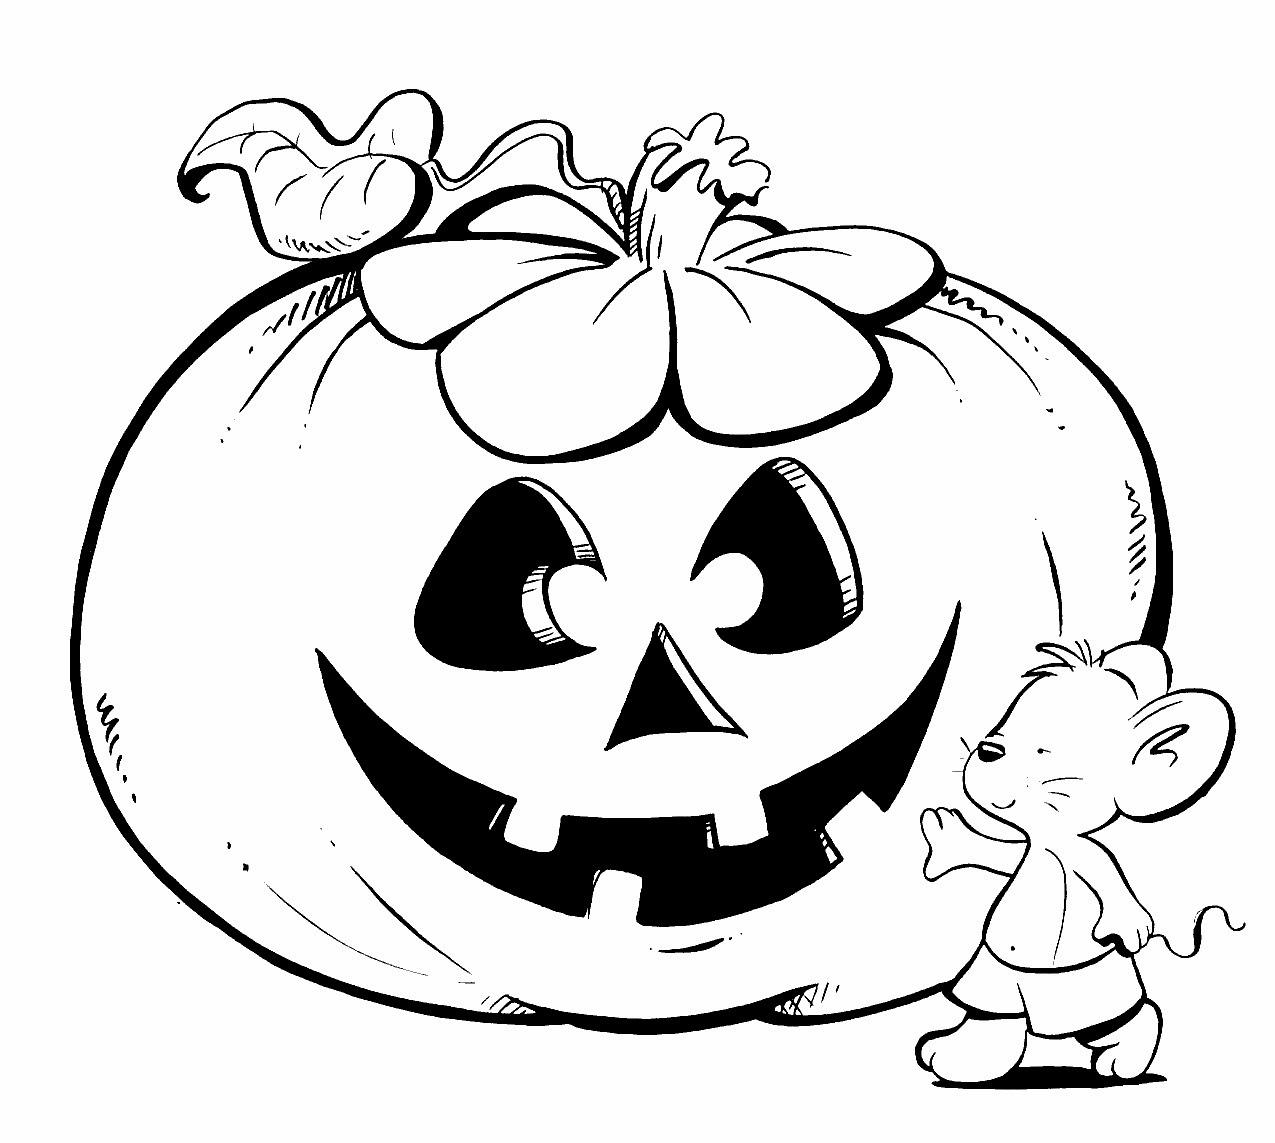 Banco de imagenes y fotos gratis calabazas de halloween - Calabazas halloween para imprimir ...